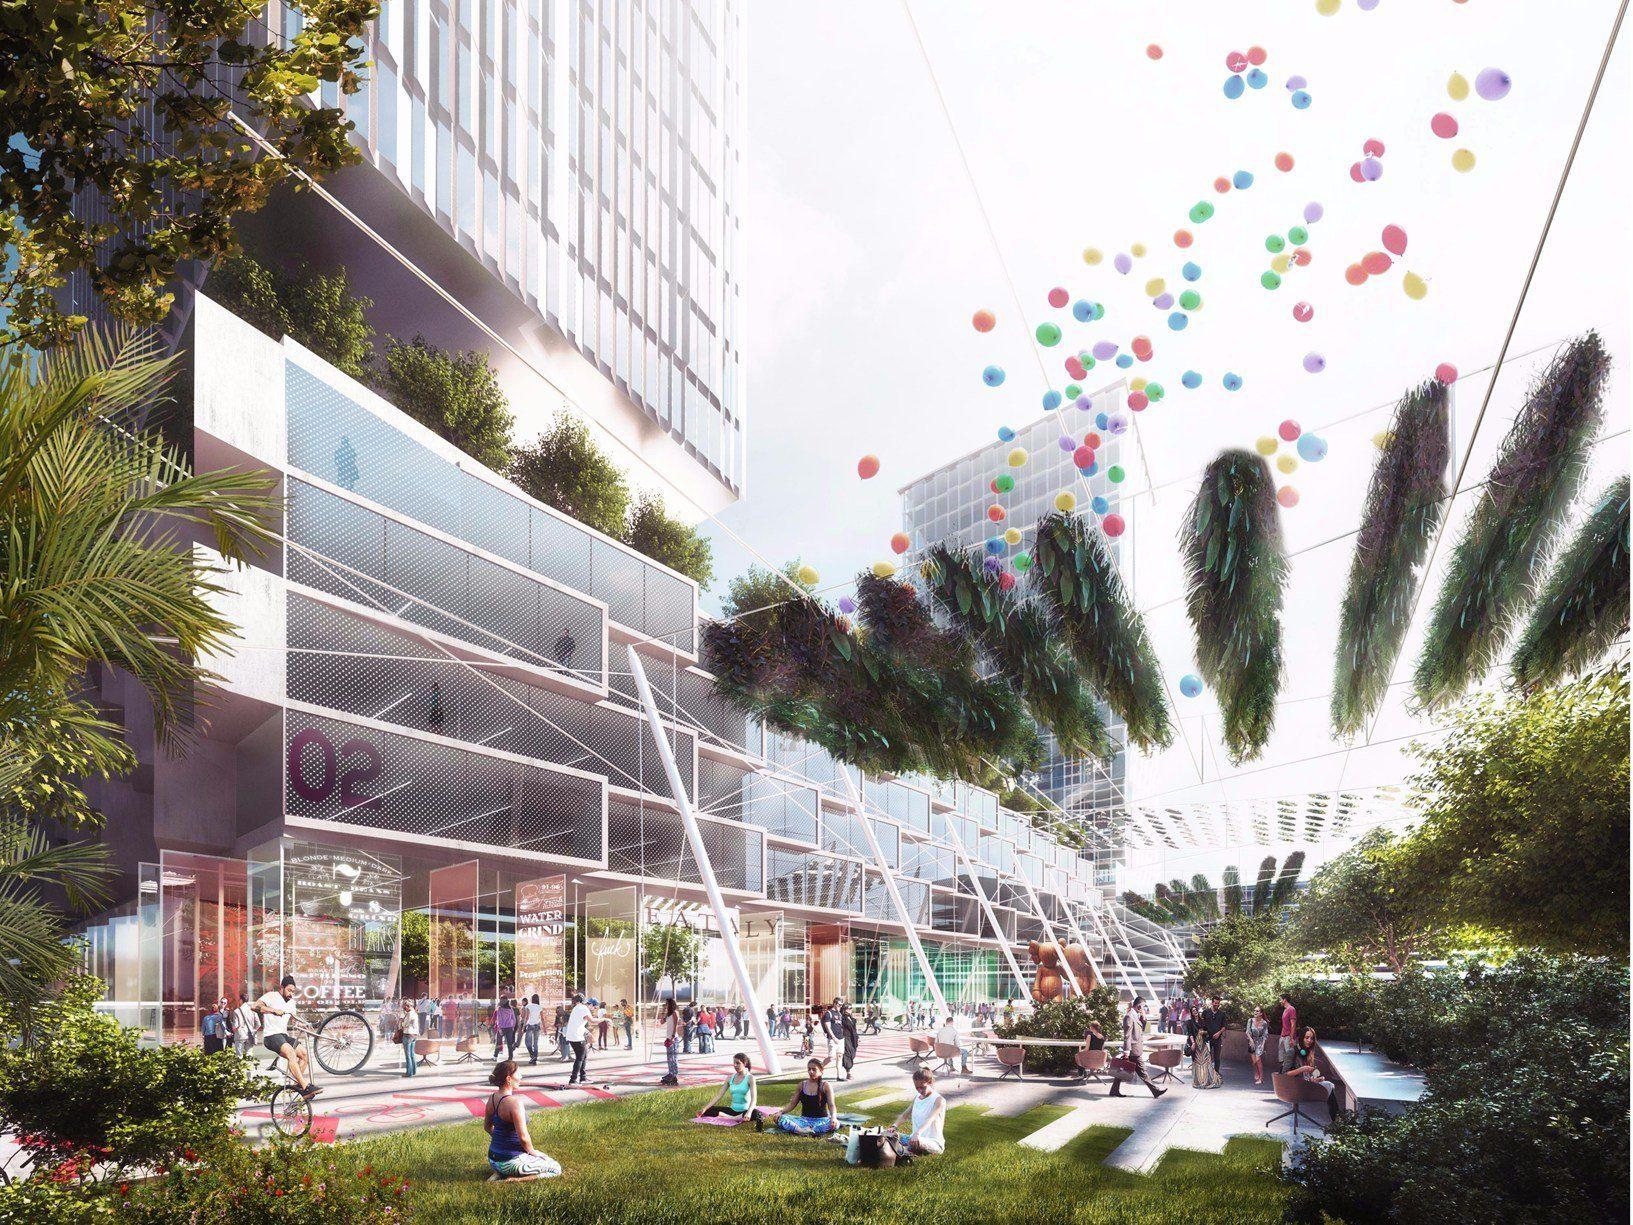 Un parco dell'innovazione nell'ex area di Expo Milano 2015